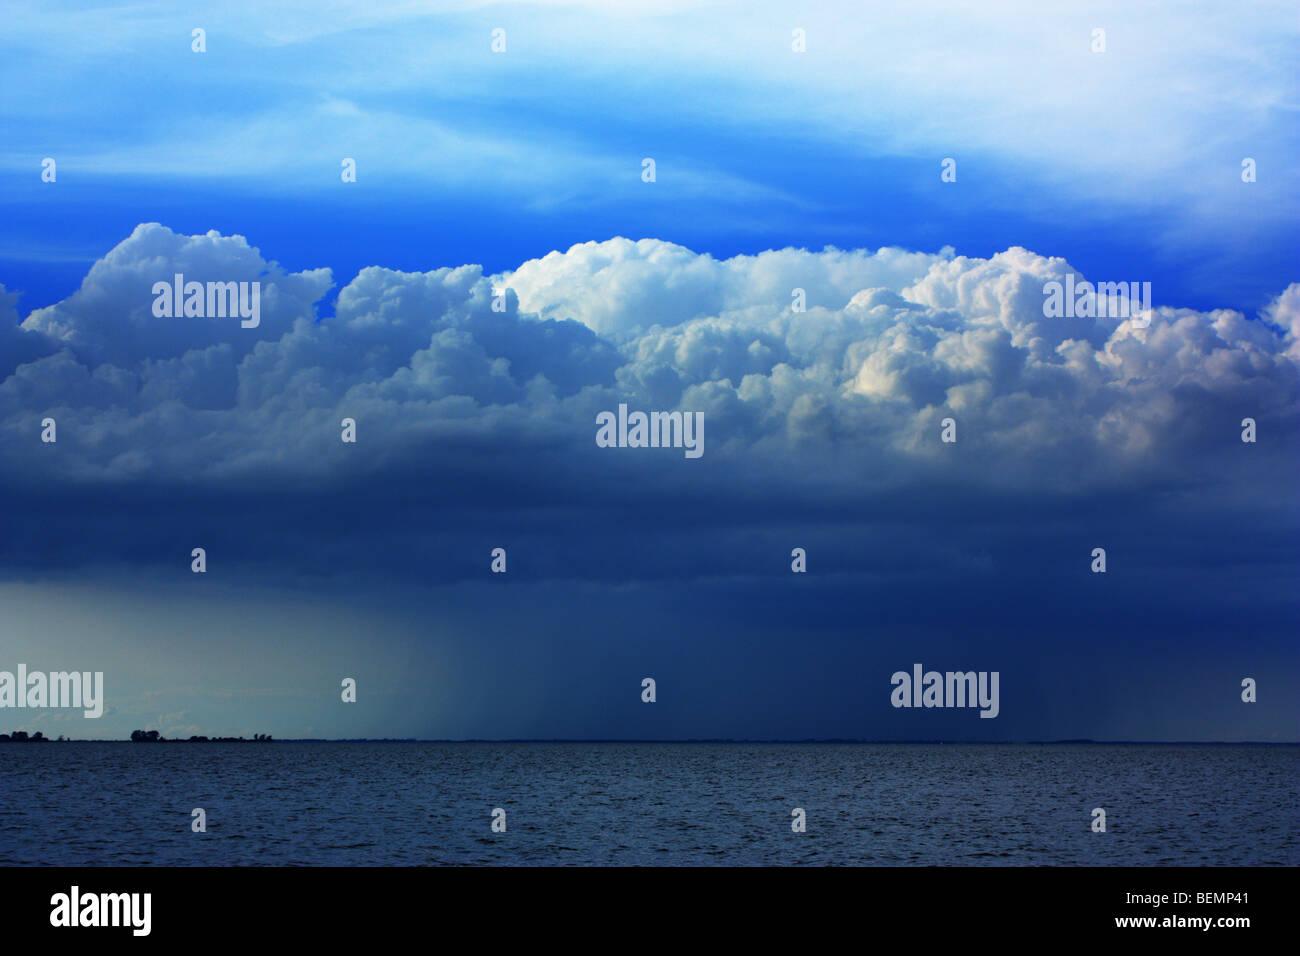 Cumulonimbus, heaped rain cloud, Baltic Sea, Germany - Stock Image